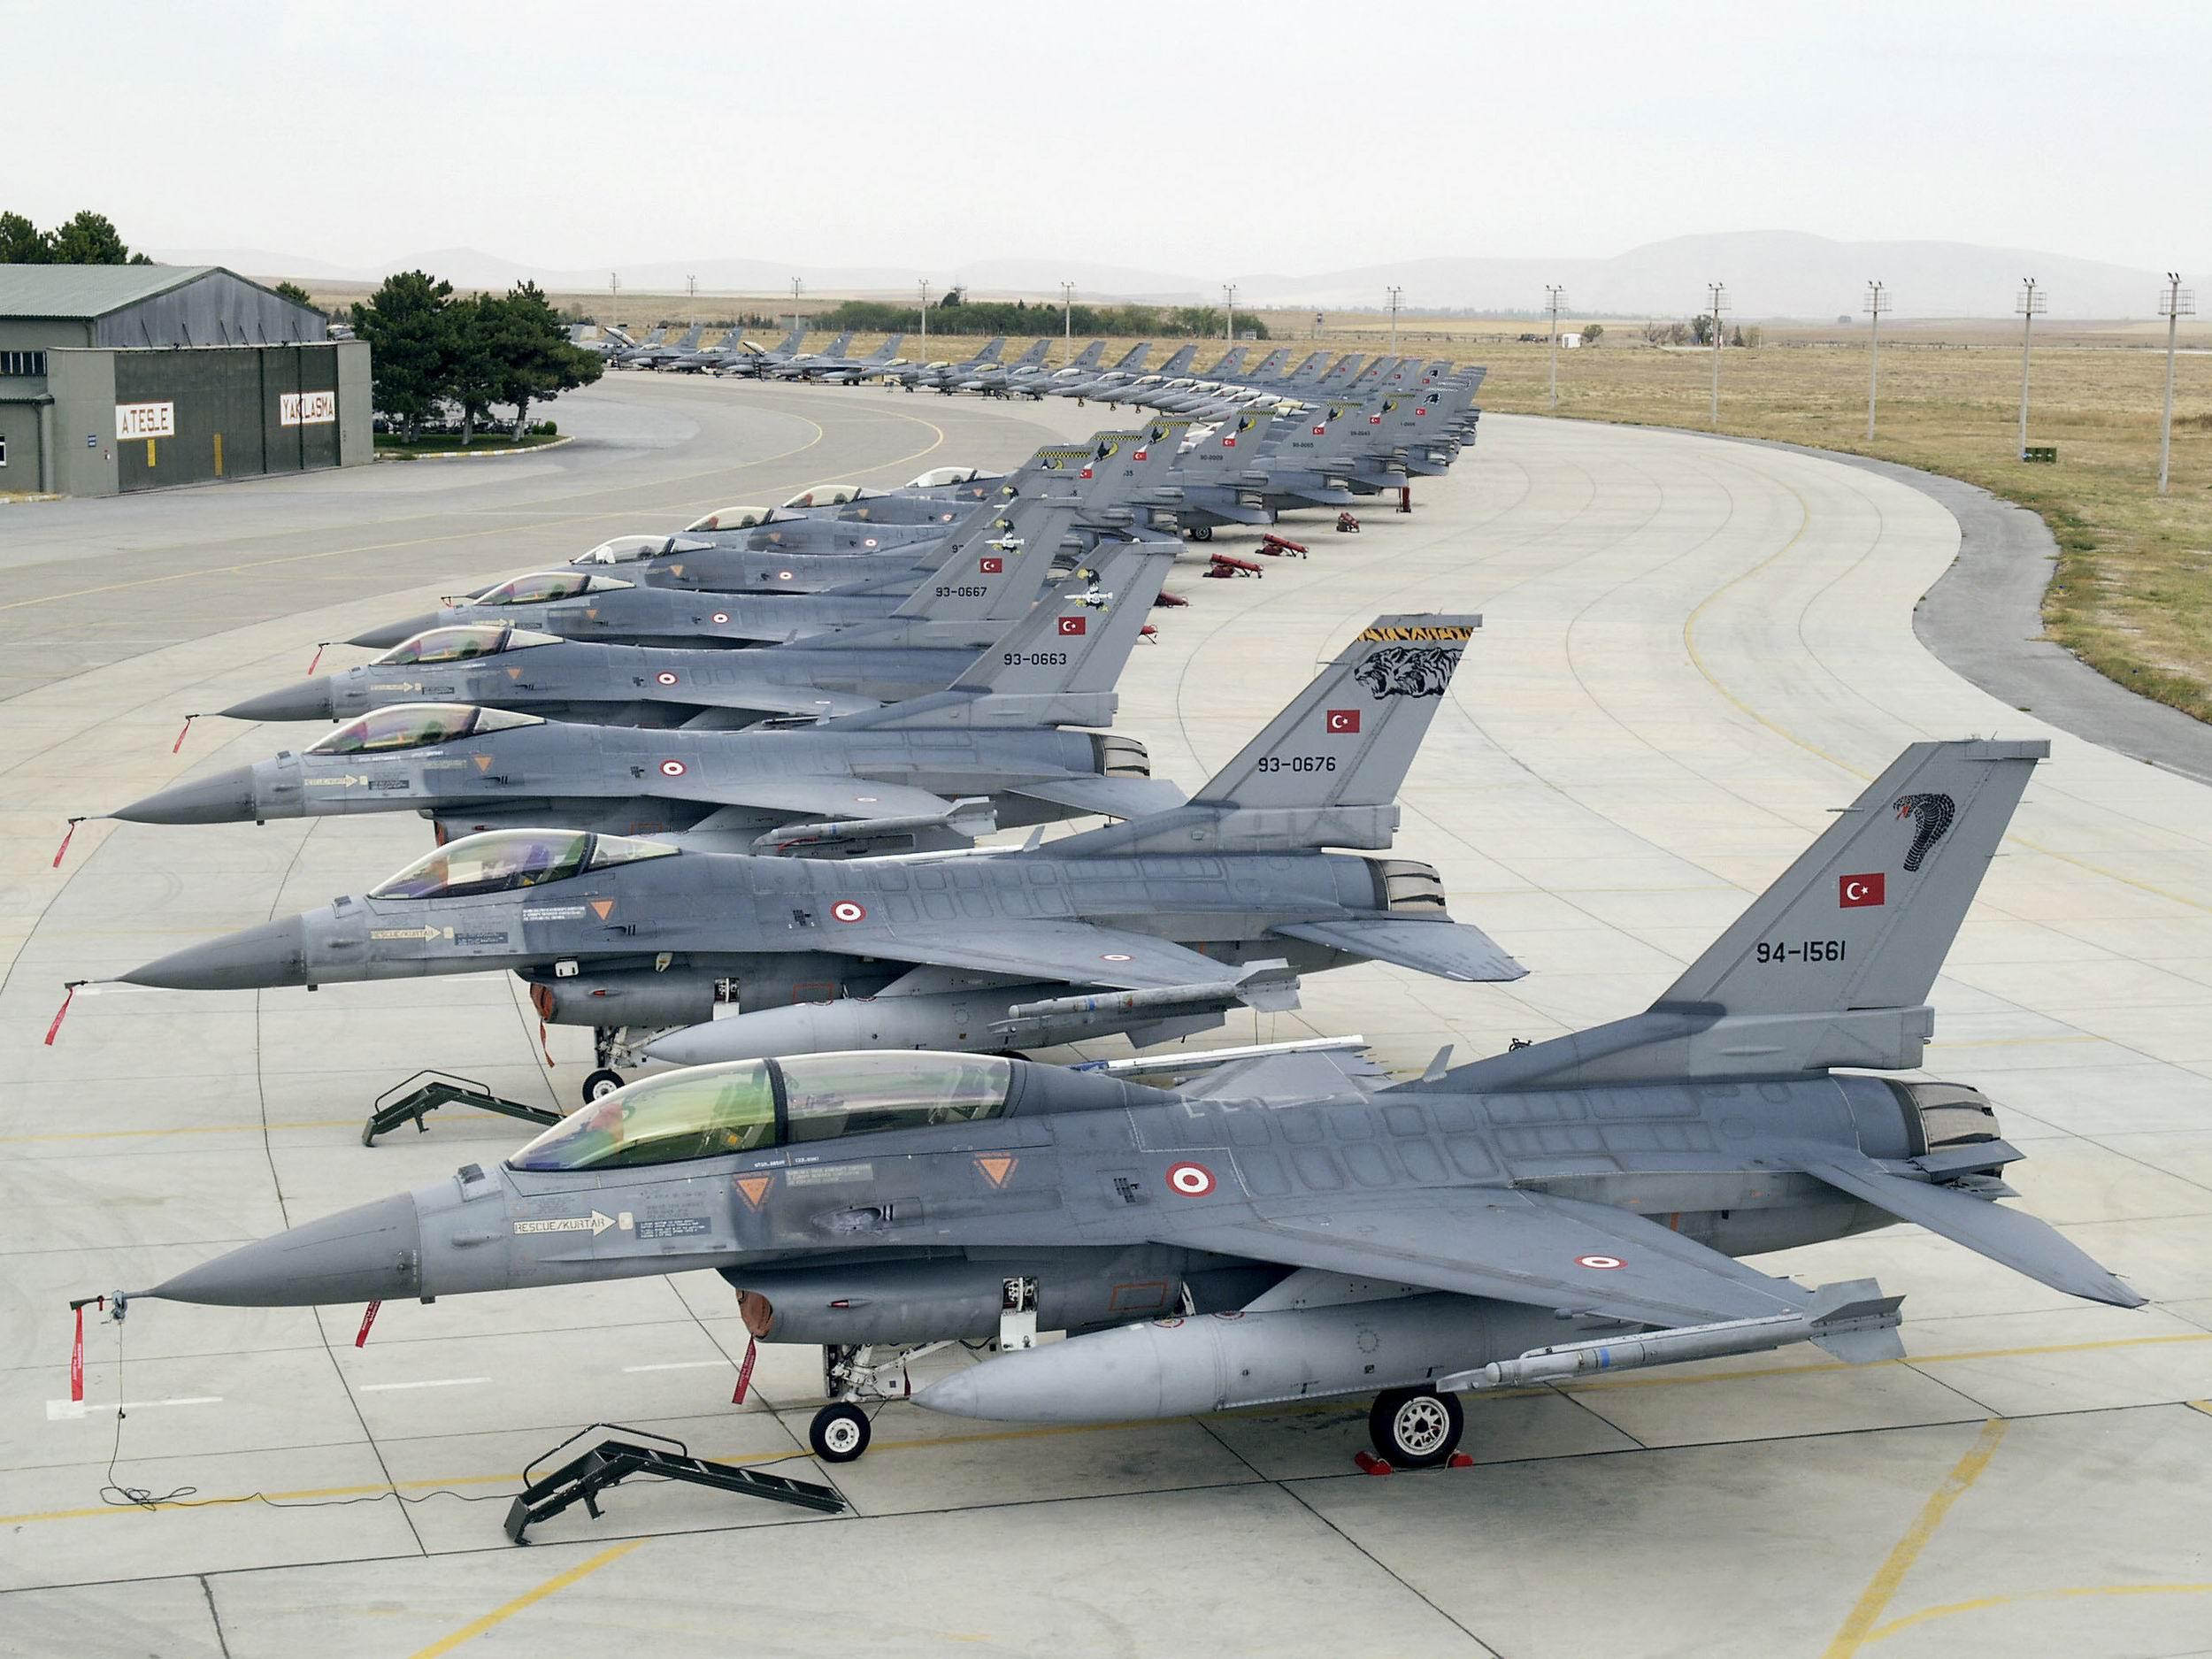 Türkiye, IŞİD'e karşı operasyonları durdurdu